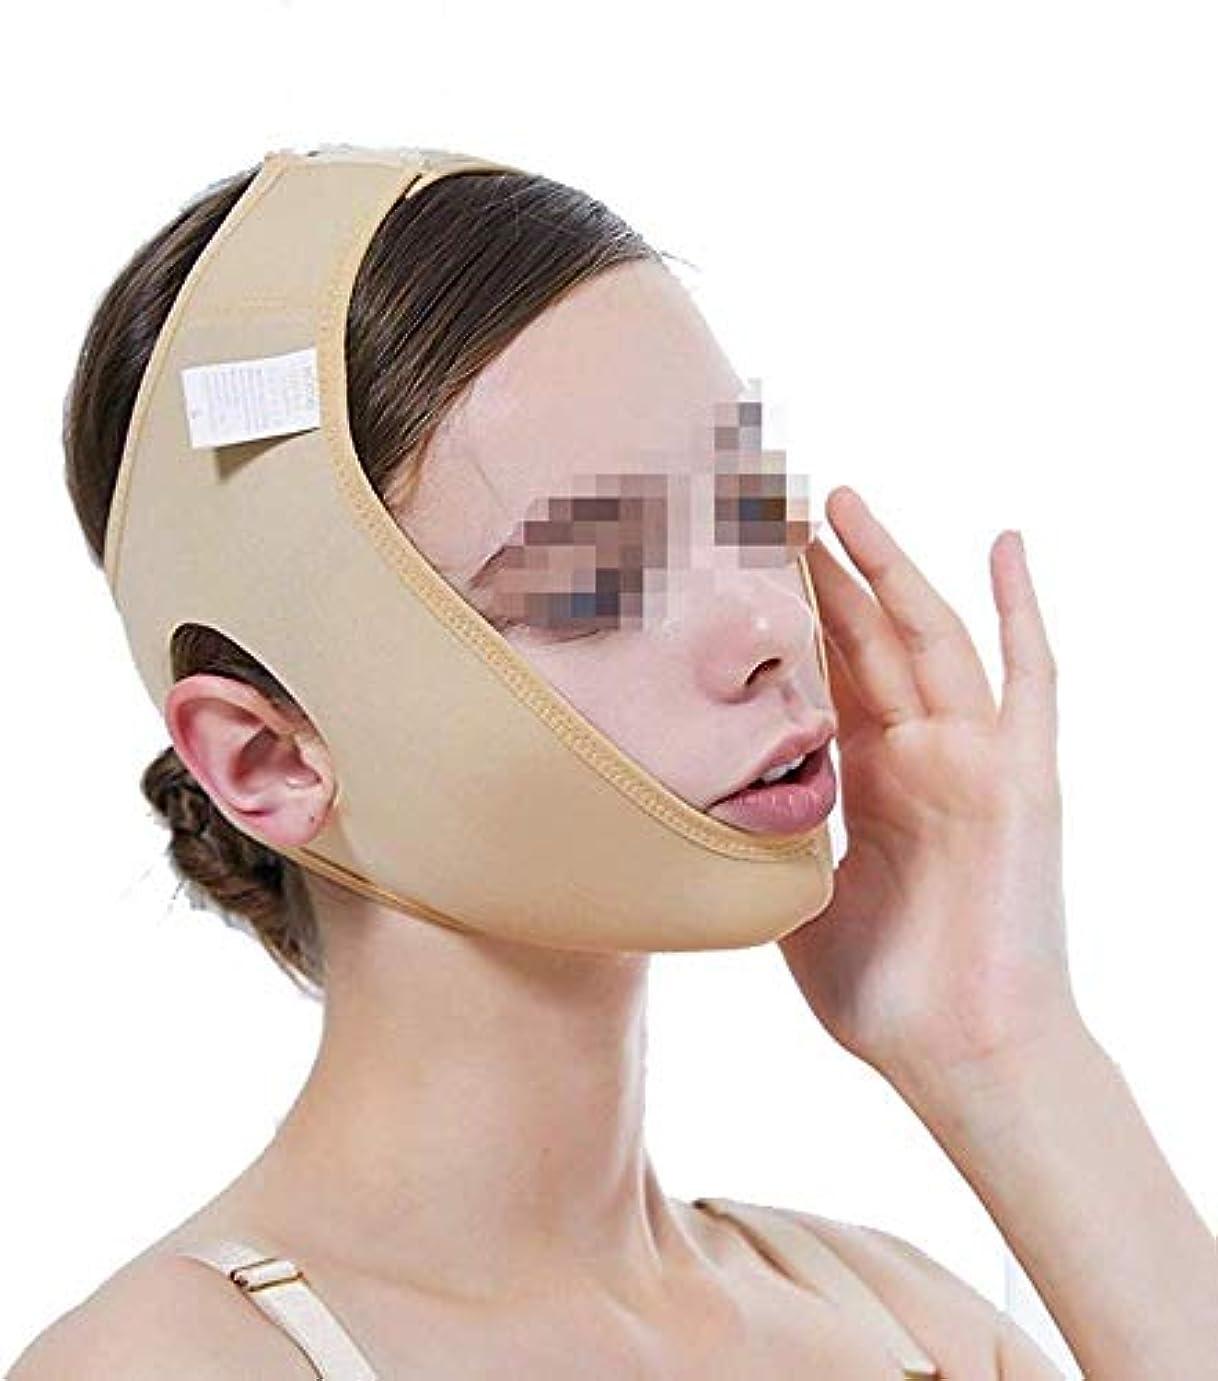 幻滅レギュラー構成する美容と実用的な術後ヘッドギア、薄型ダブルチンVフェイスビームフェイスジョーセットフェイスマスクマルチサイズオプション(サイズ:XS)